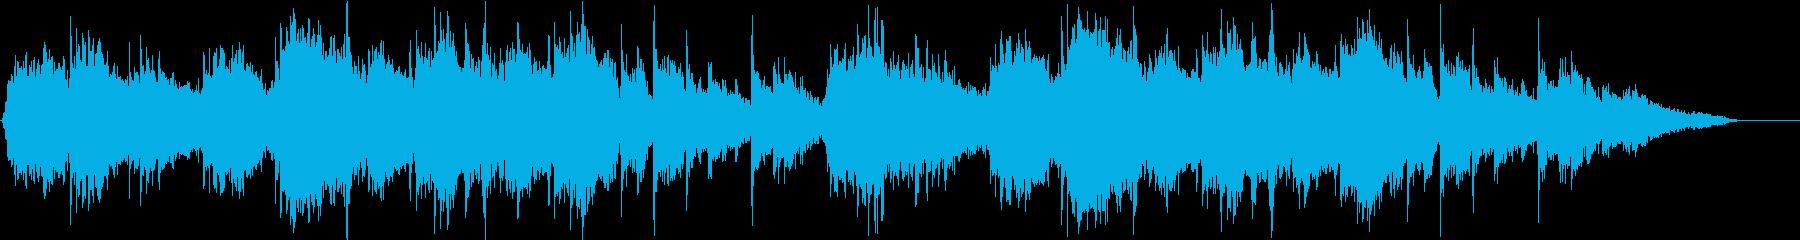 深海をイメージしたヒーリング音楽の再生済みの波形